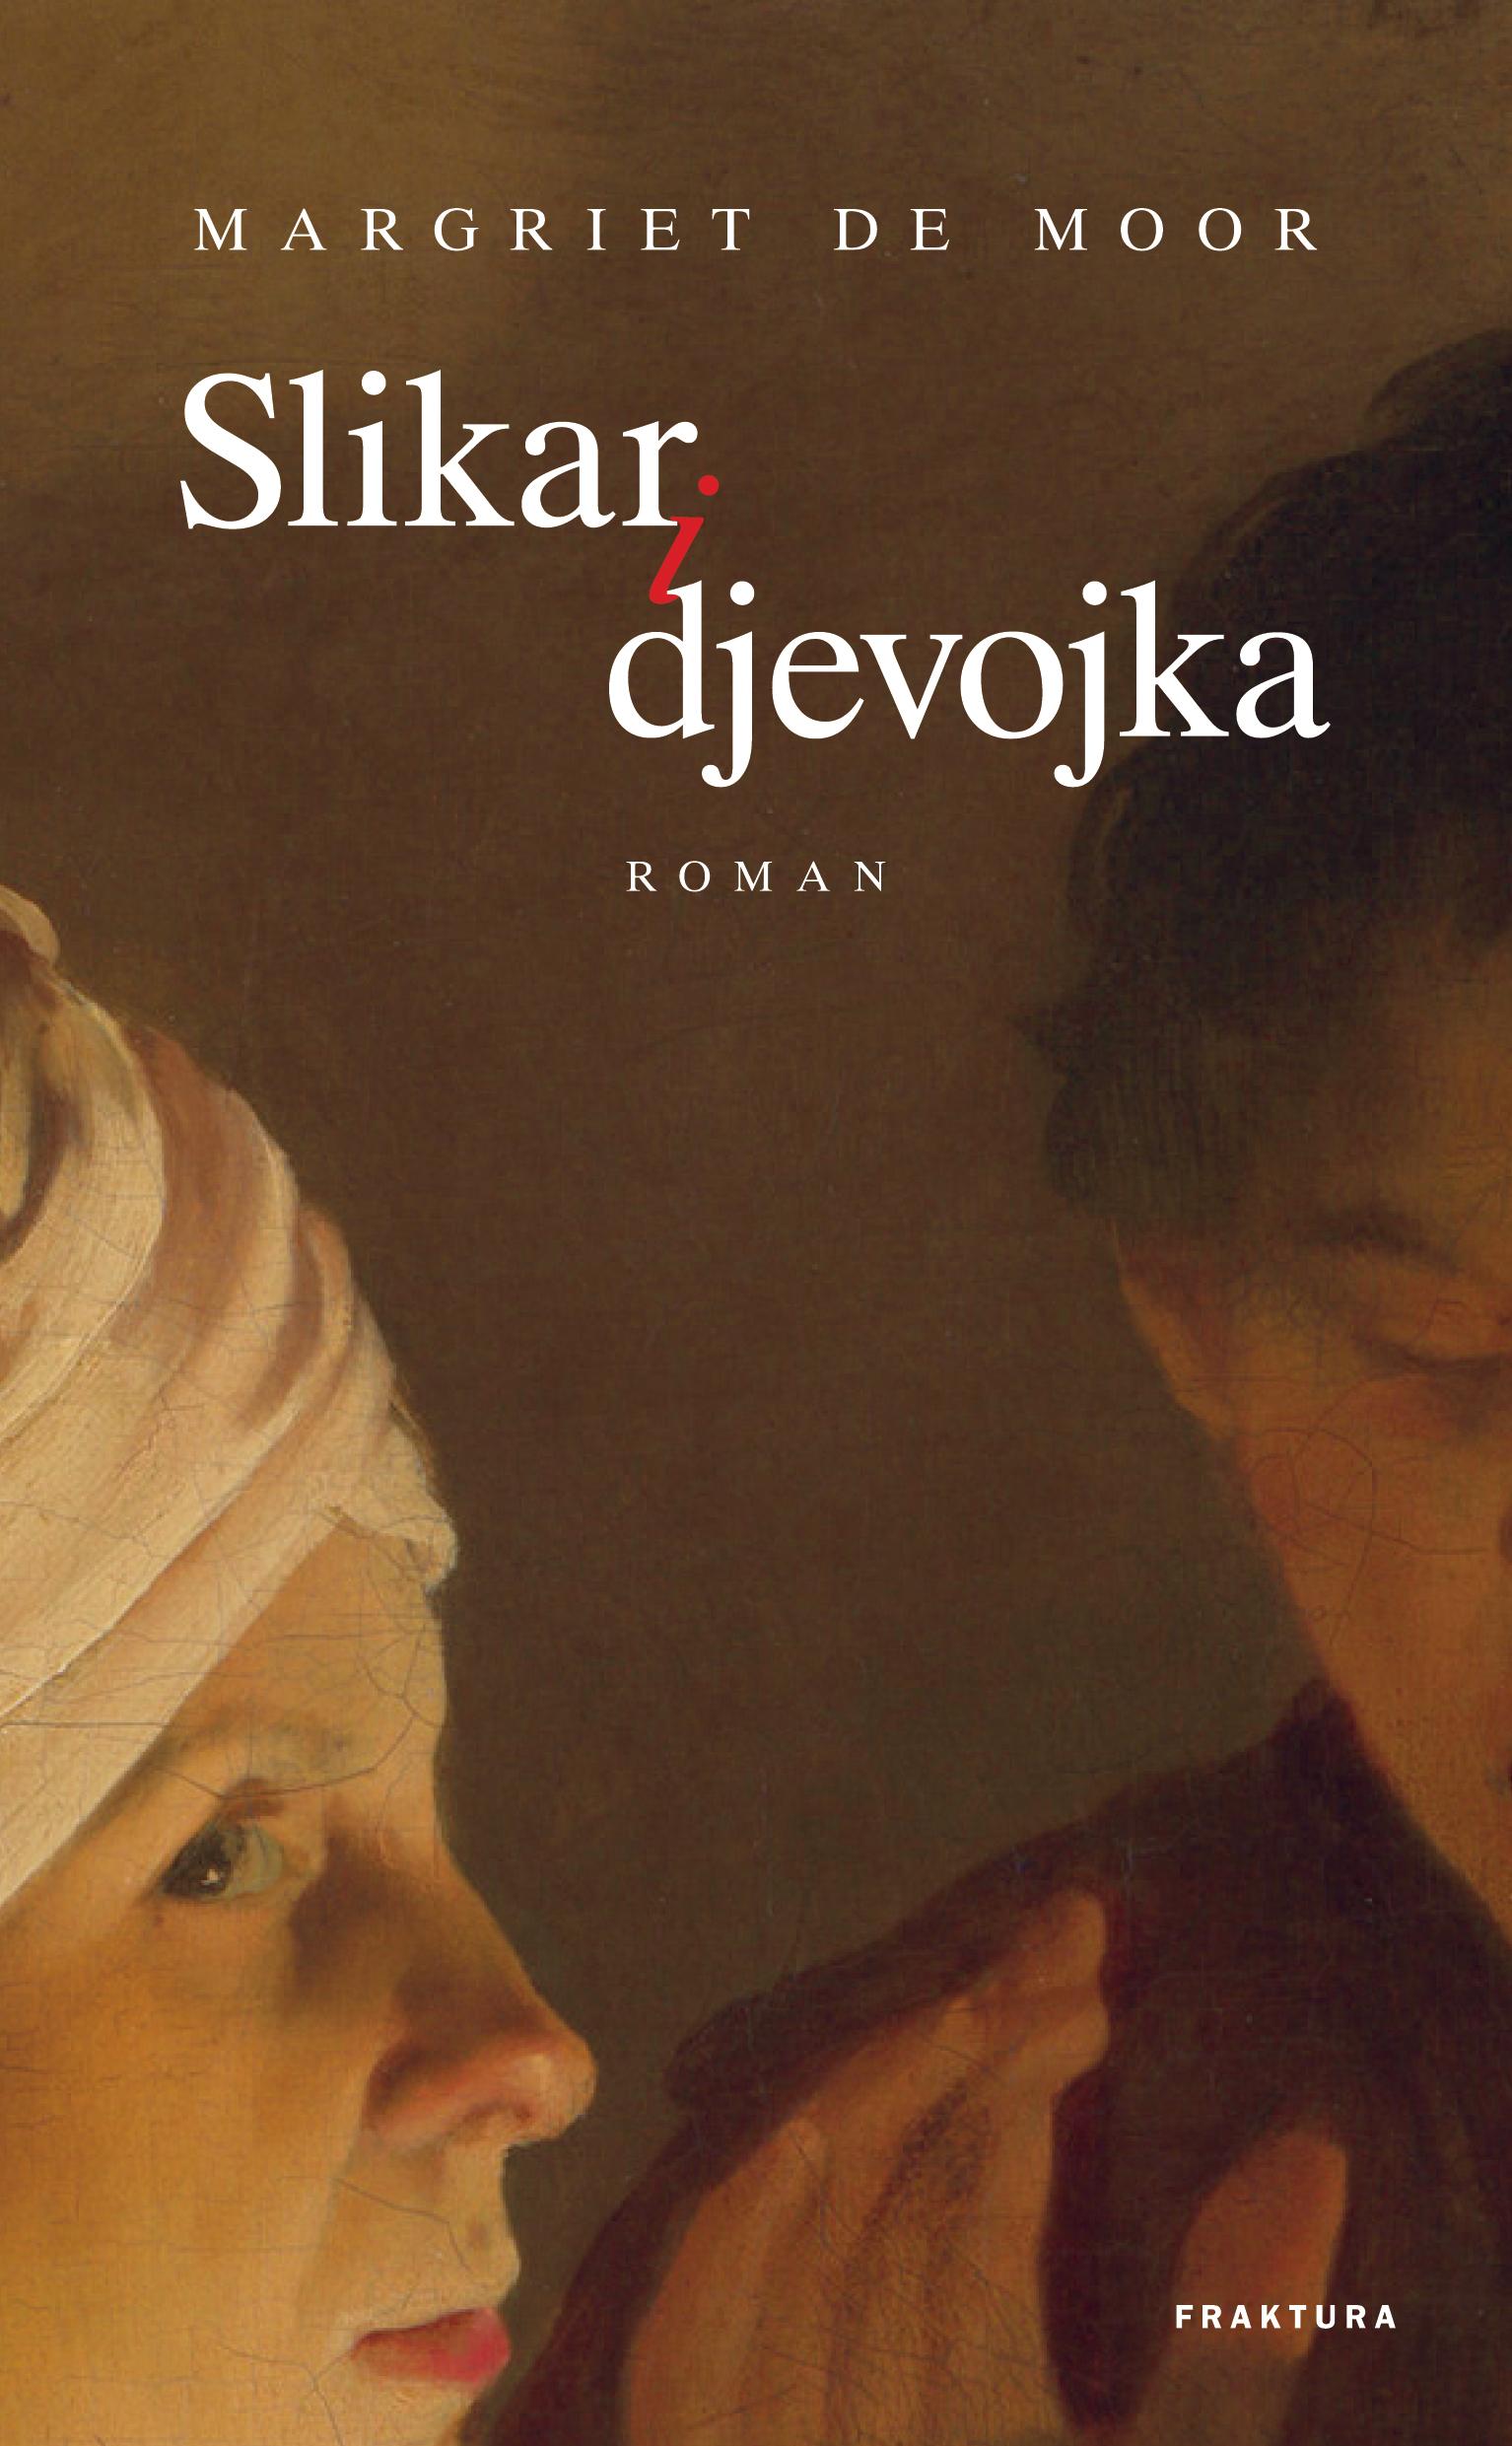 izlazi s danskom djevojkom brak ne datira asianwiki